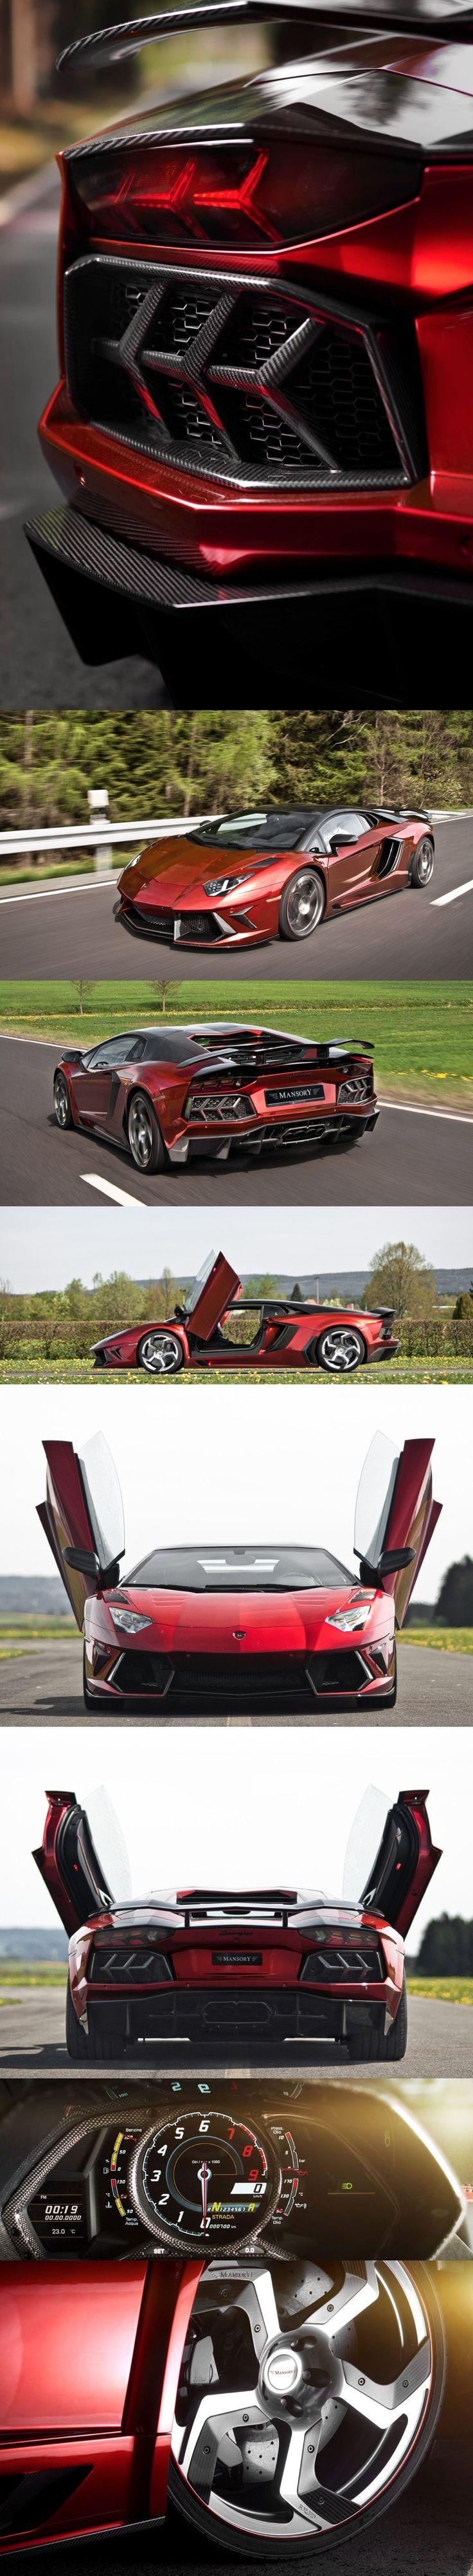 #Lamborghini #Aventador #supercar. Um dia, se eu tiver dinheiro minha Lamborghini vai ser ou a Veneno RoadRoaster ou a Aventador!